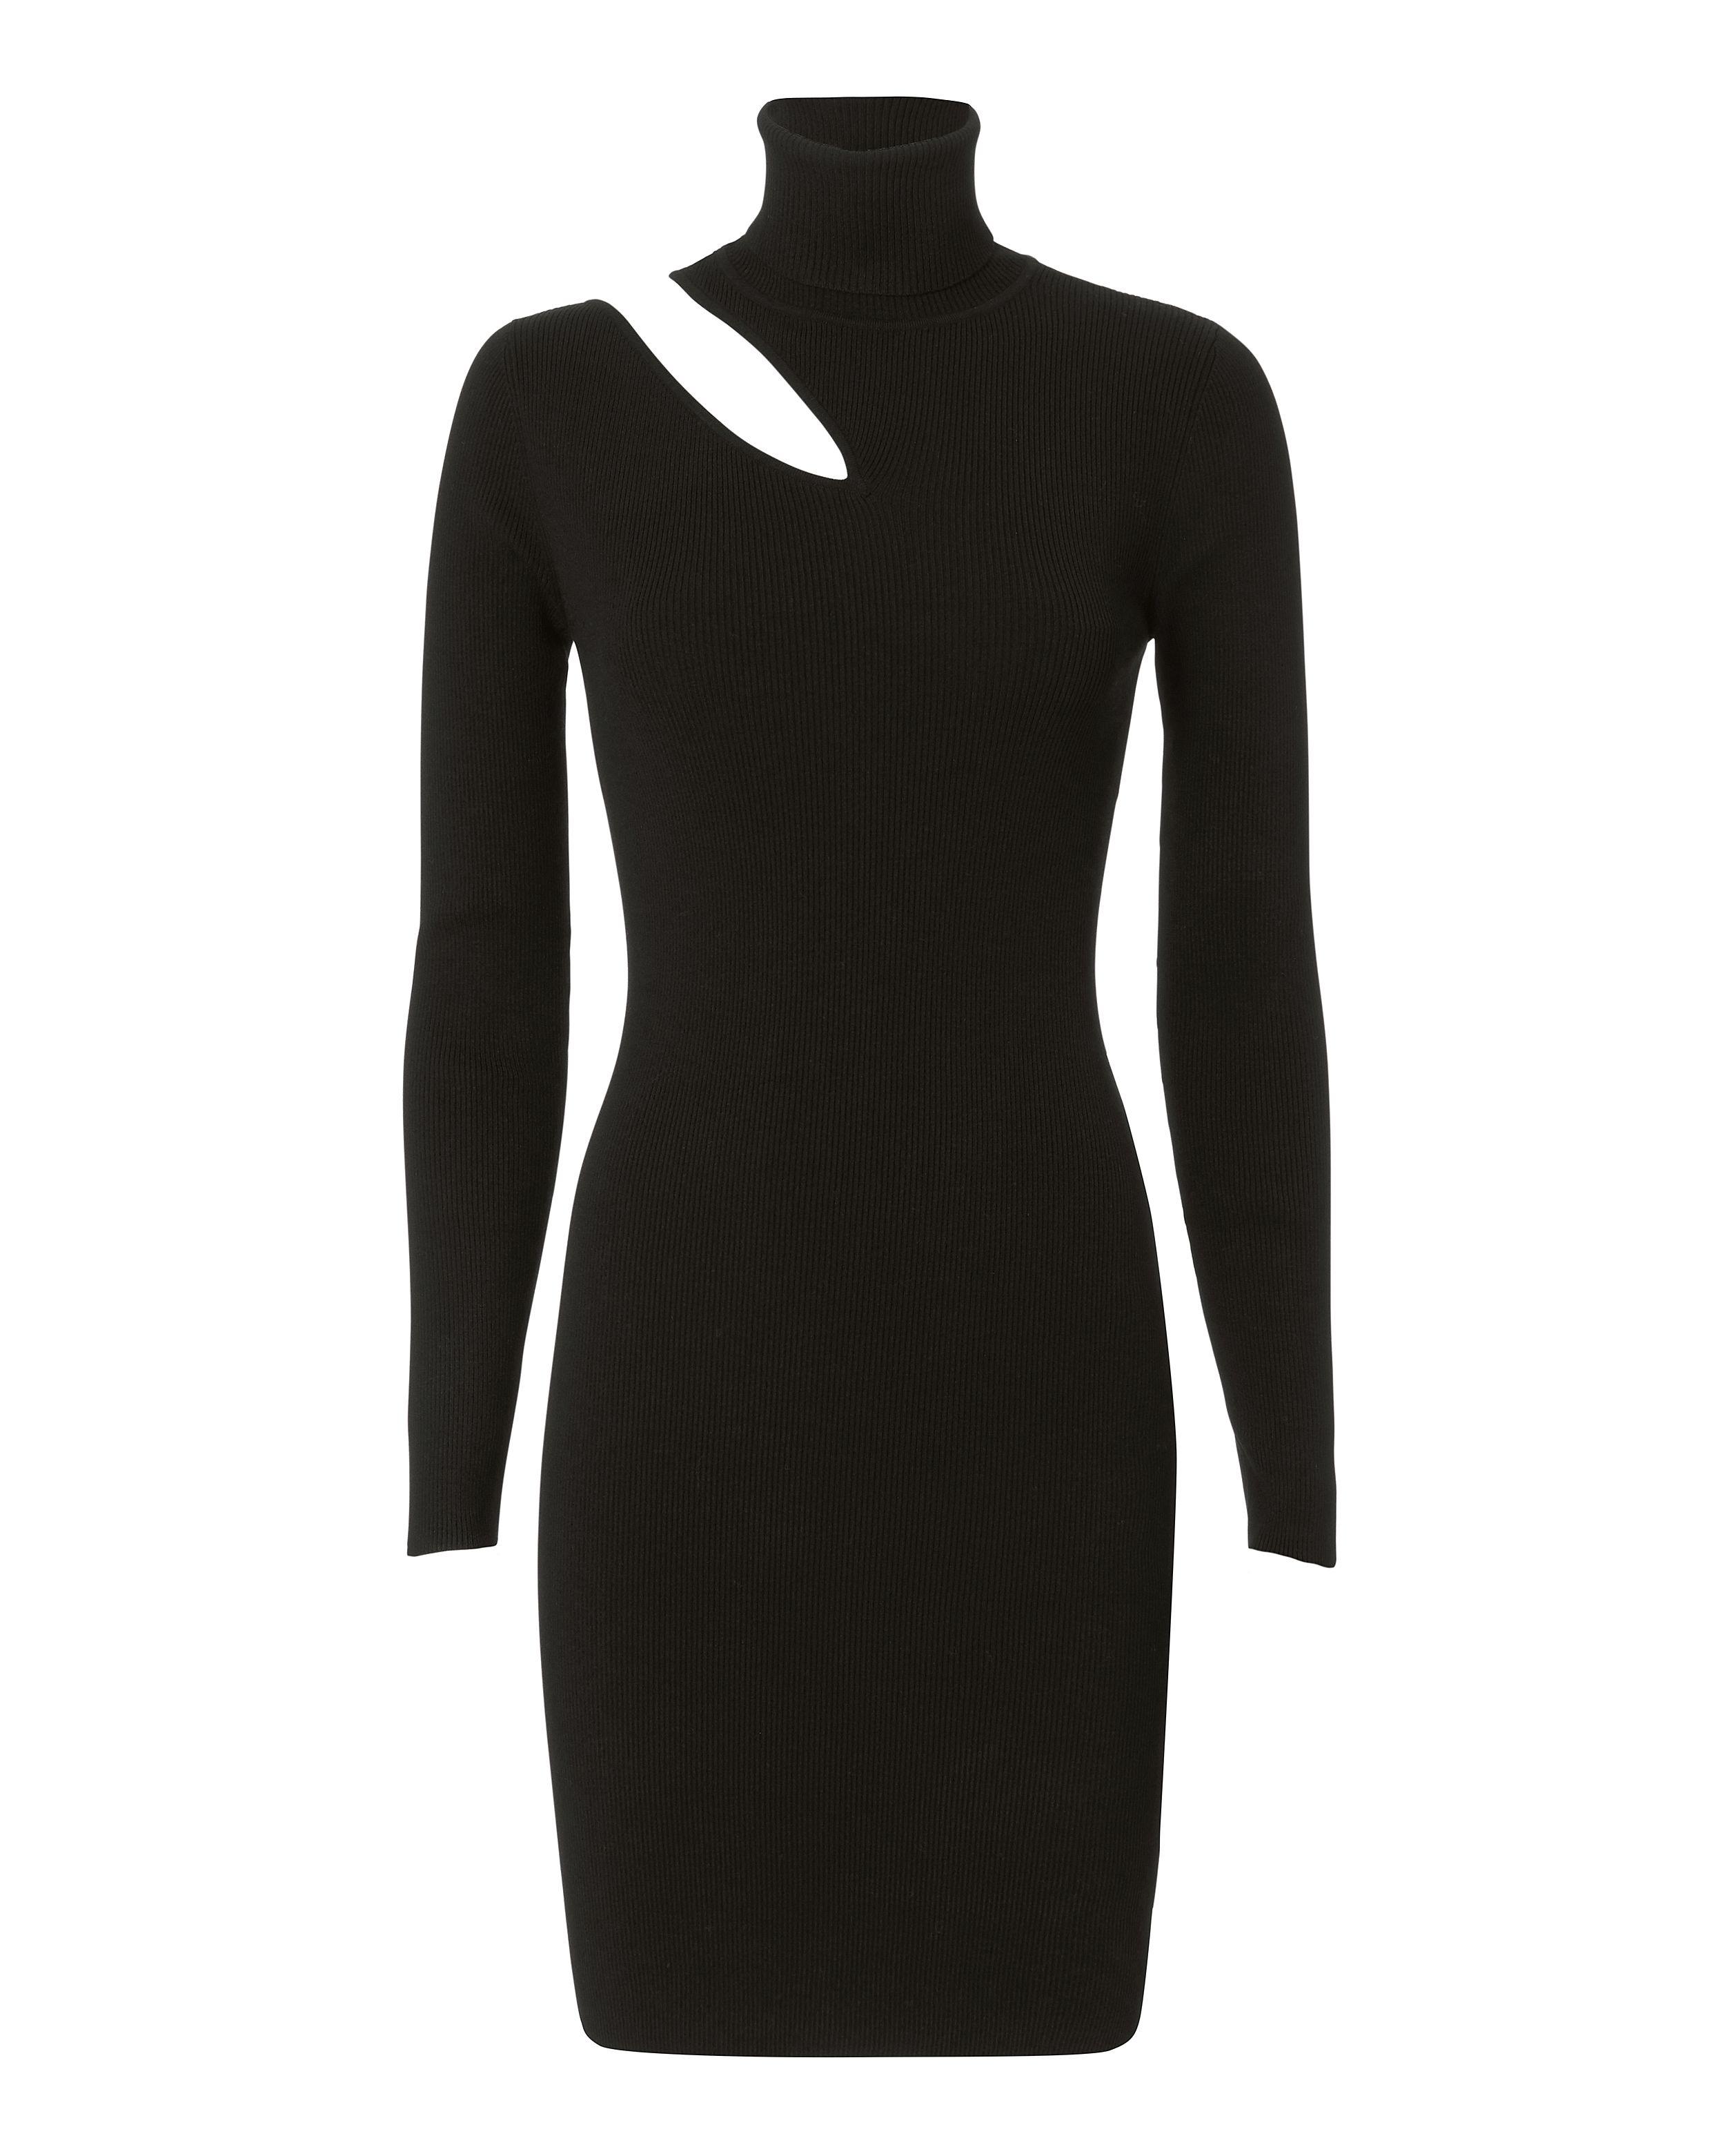 West Dress Cutout Black Turtleneck Dress In 2021 Fit Sweater Dress Turtle Neck Dress Black Turtleneck [ 3124 x 2500 Pixel ]